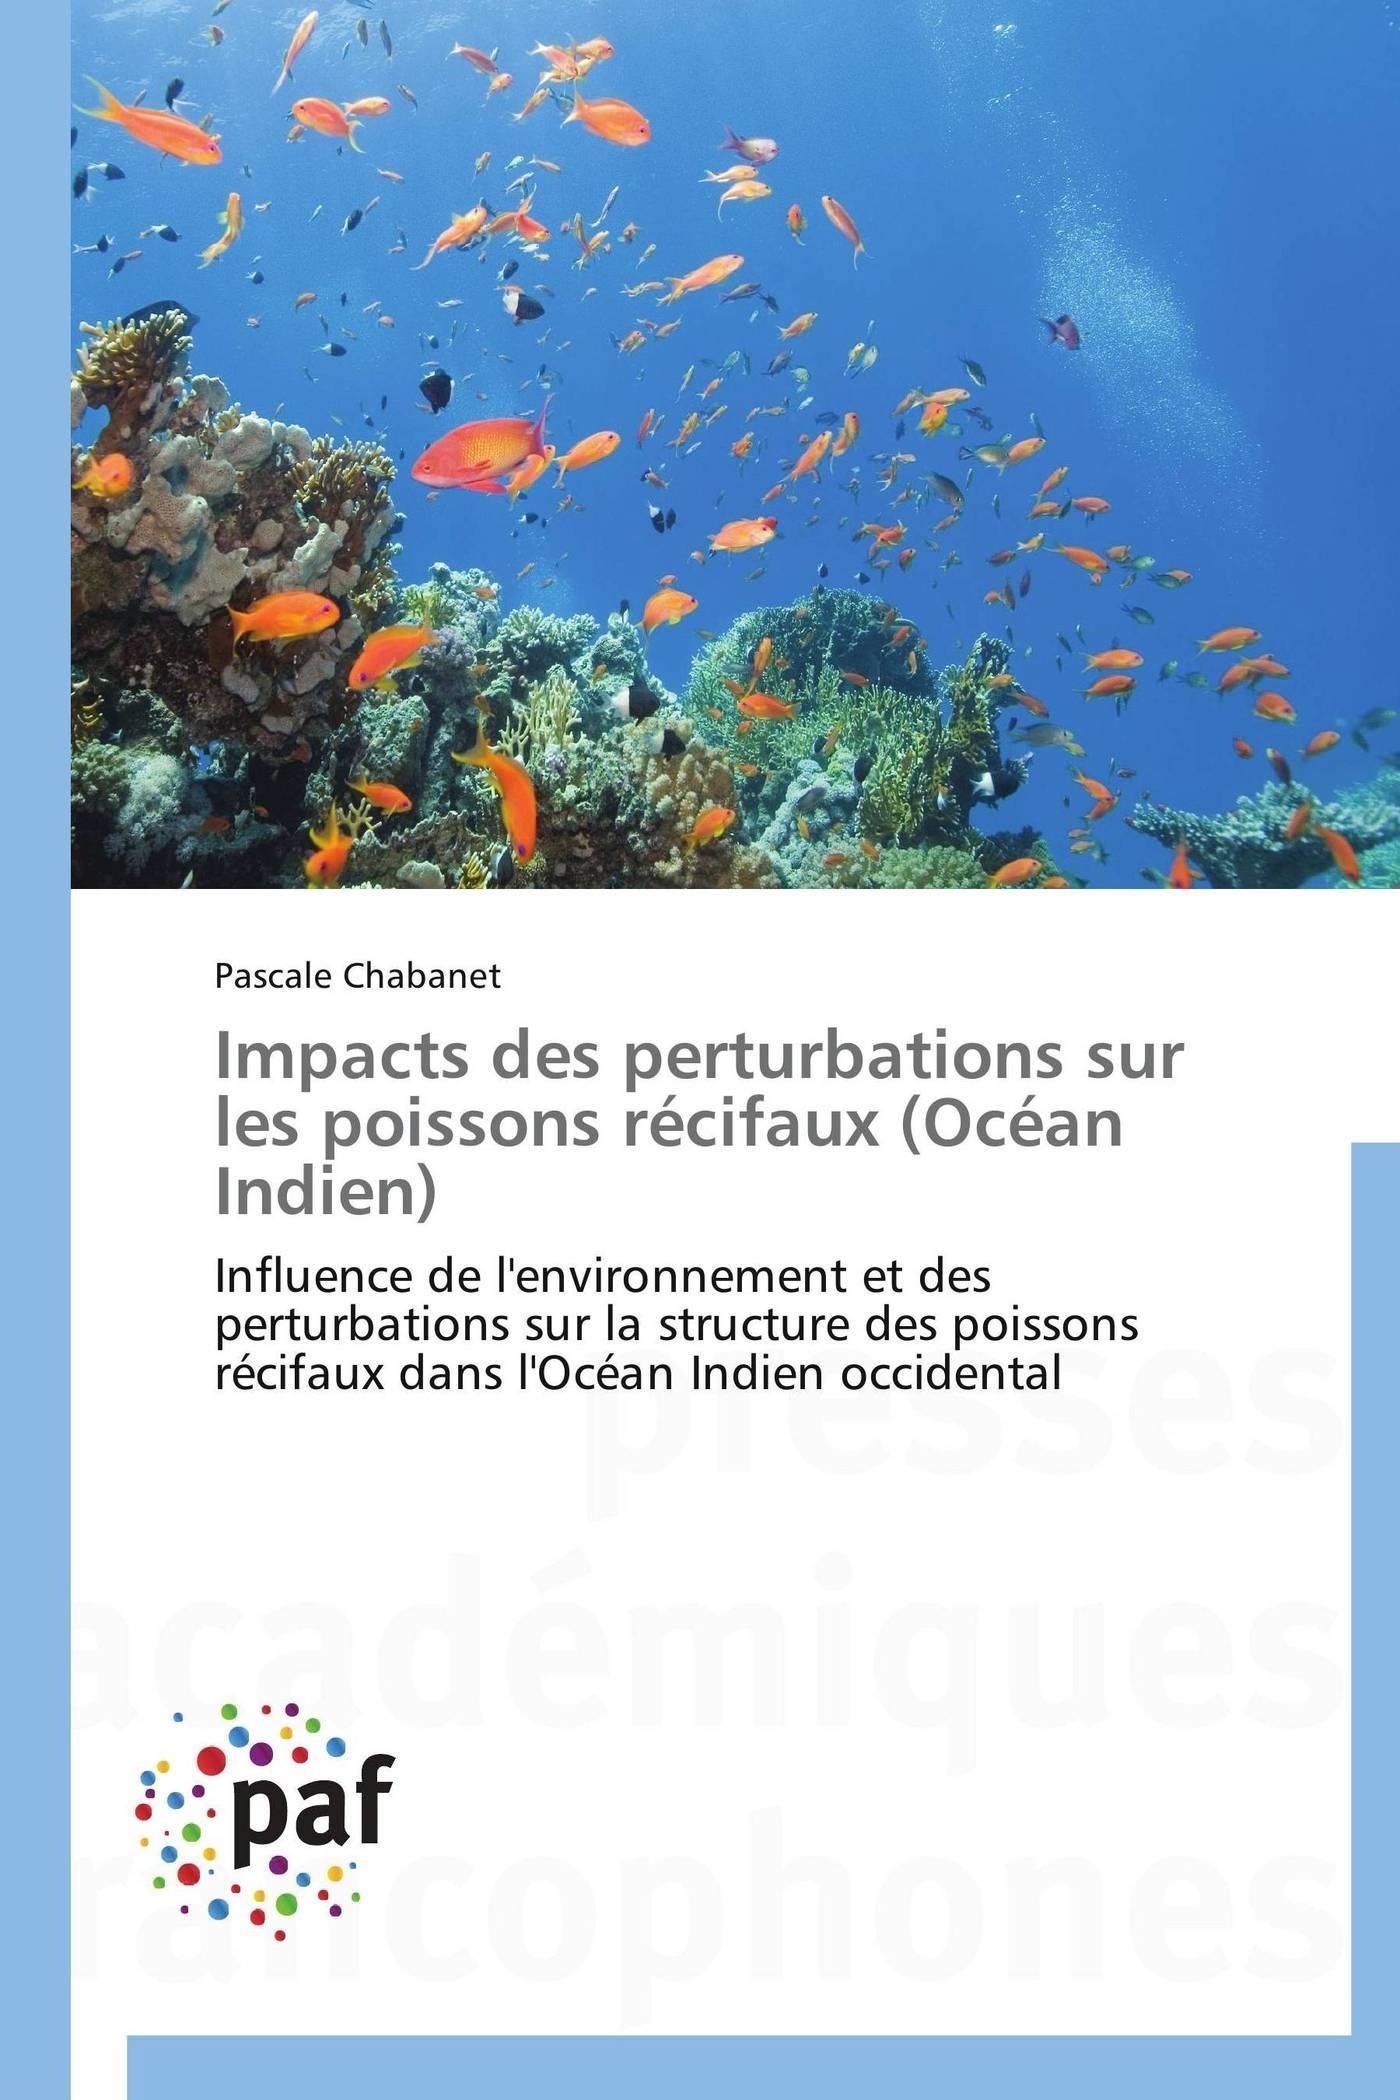 IMPACTS DES PERTURBATIONS SUR LES POISSONS RECIFAUX (OCEAN INDIEN)